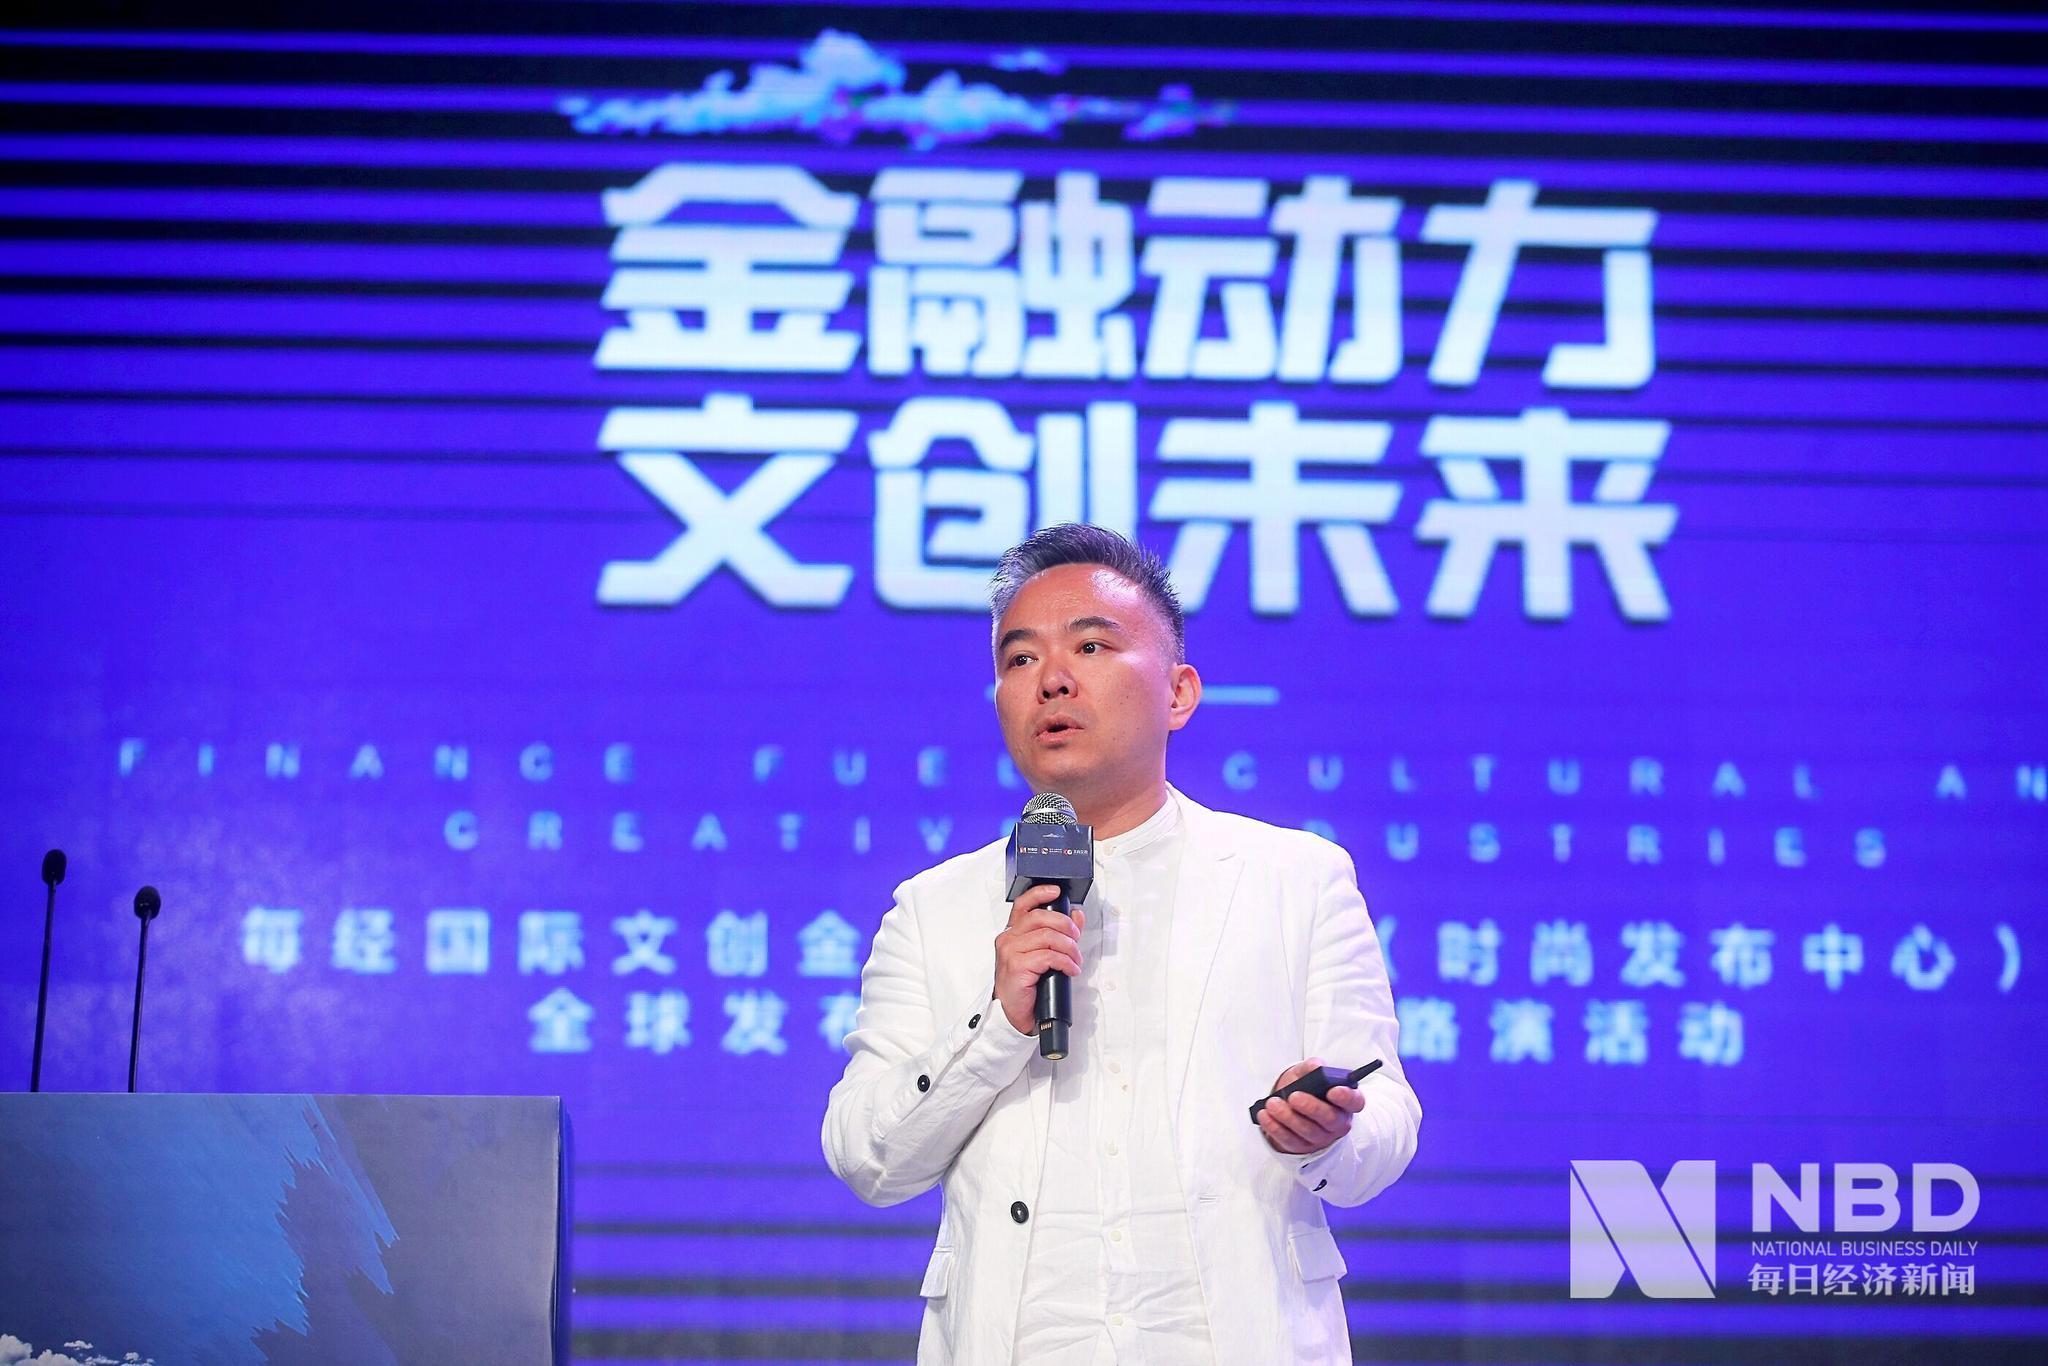 东华大学上海国际时尚创意学院常务副院长李峻: 打造国际影响力的中国时尚文化创新发布平台